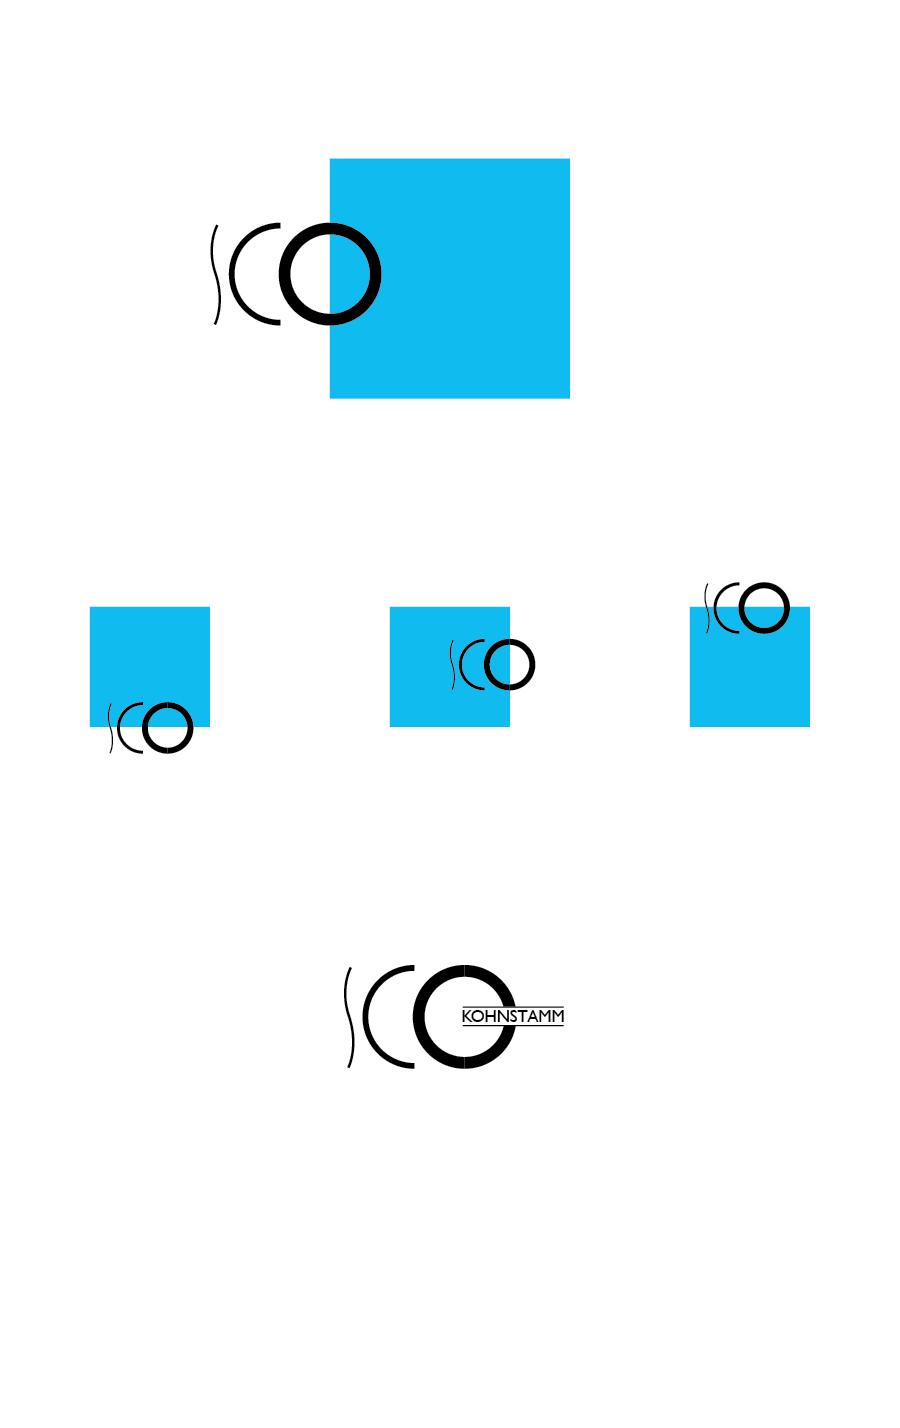 stichting centrum voor onderwijsonderzoek mettrop grafische vormgeving